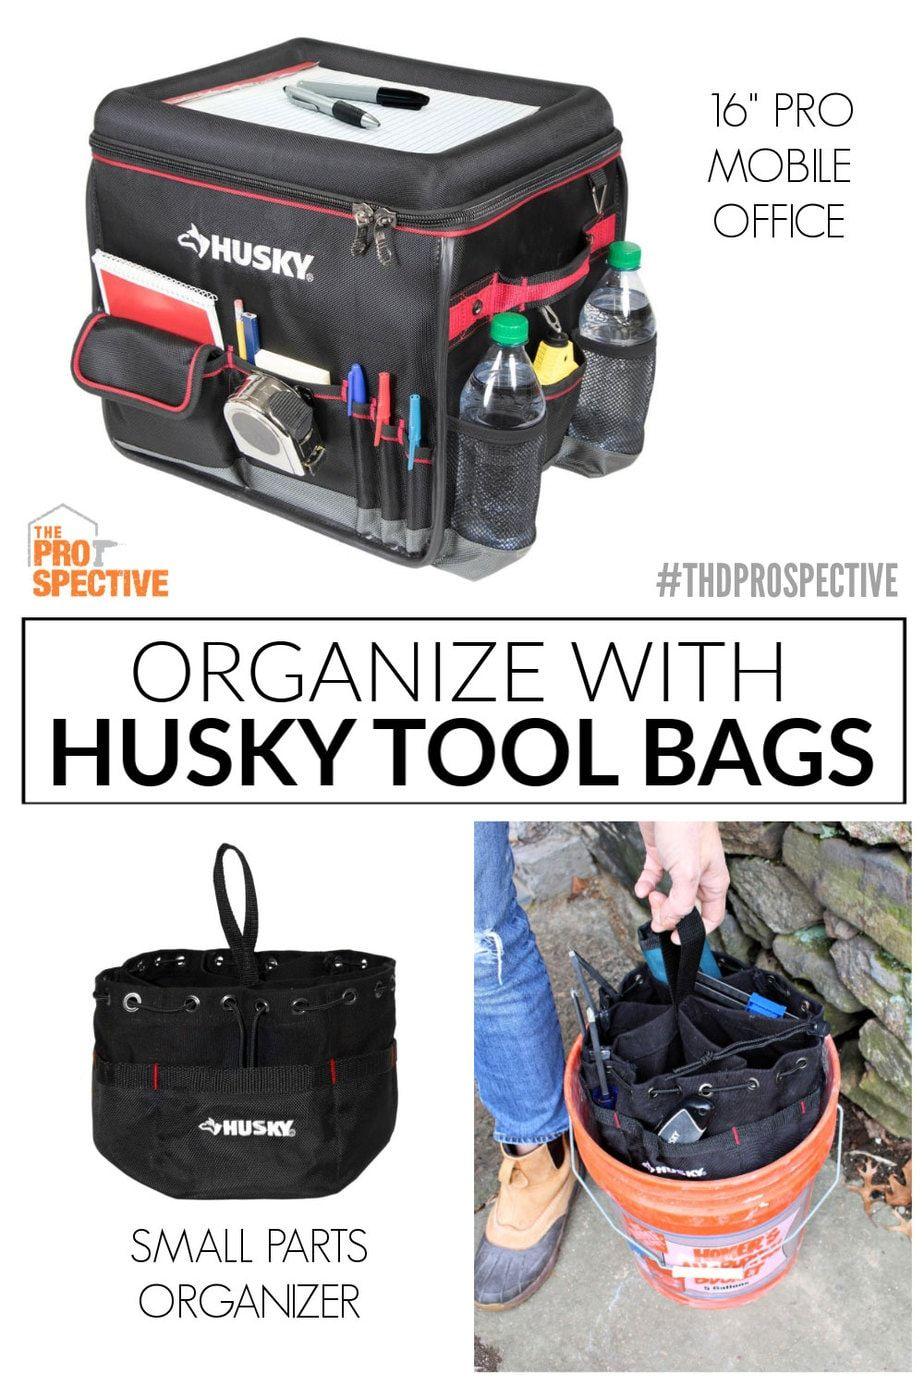 Keep Organized With Husky Tool Bags With Images Husky Tool Bag